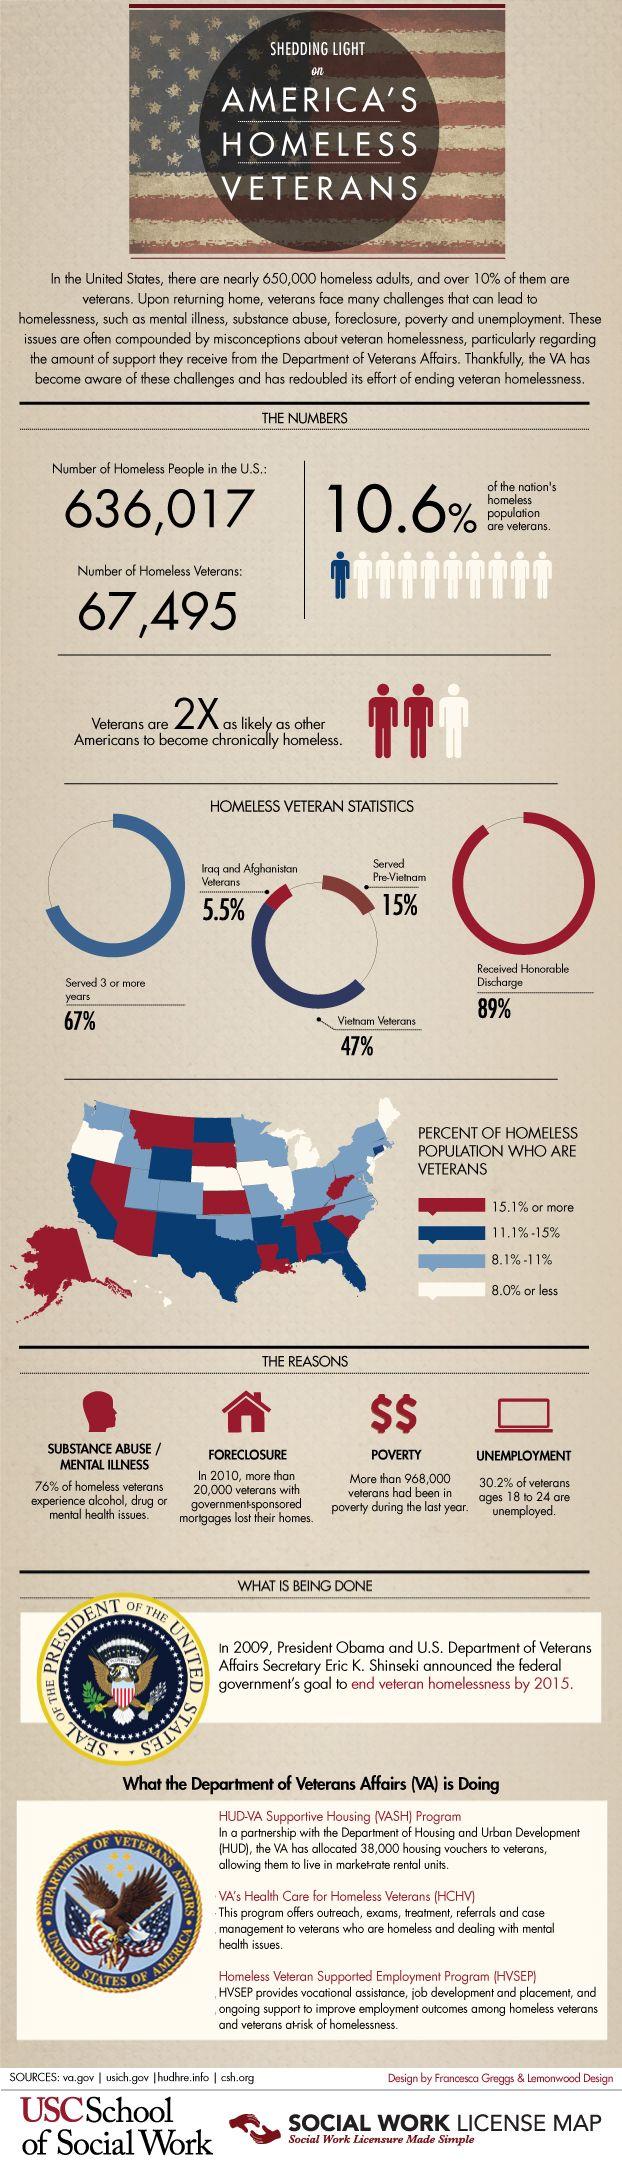 Shedding Light on America's Homeless Veterans [Infographic]: http://msw.usc.edu/mswusc-blog/shedding-light-on-americas-homeless-veterans-infographic/